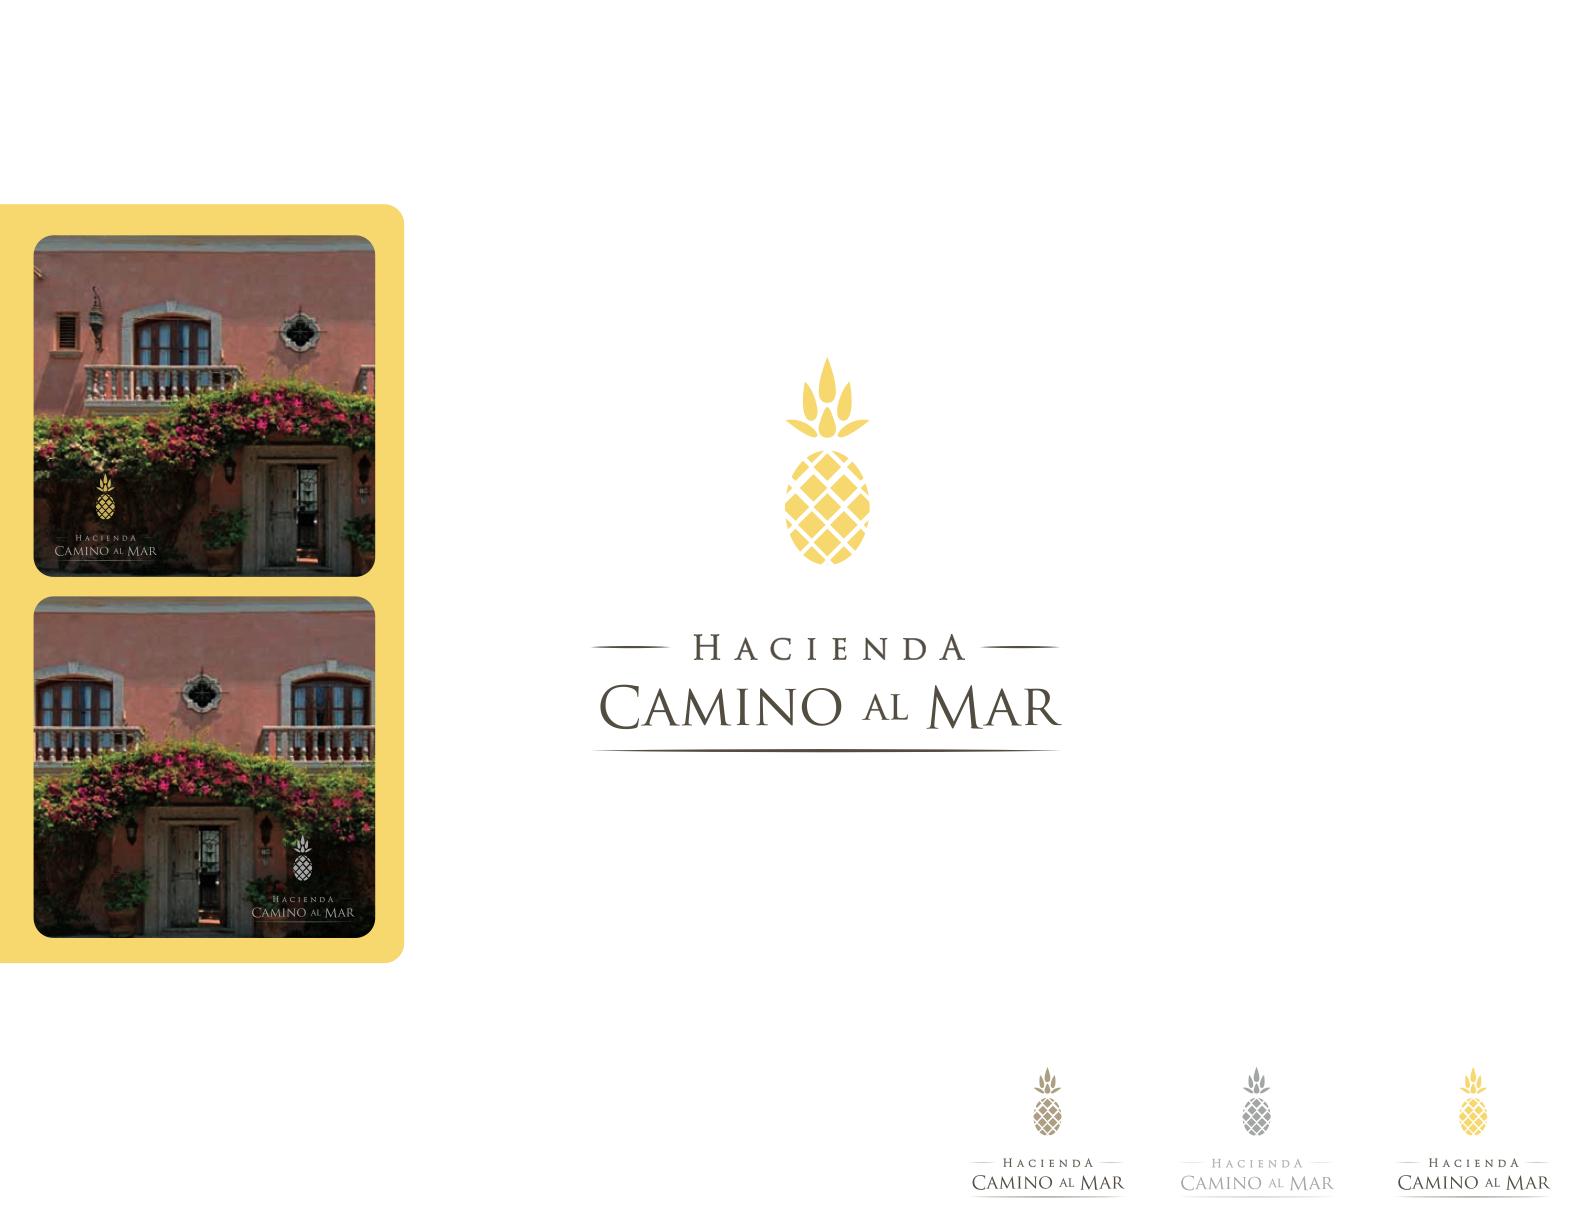 Help Hacienda Camino al Mar with a new logo